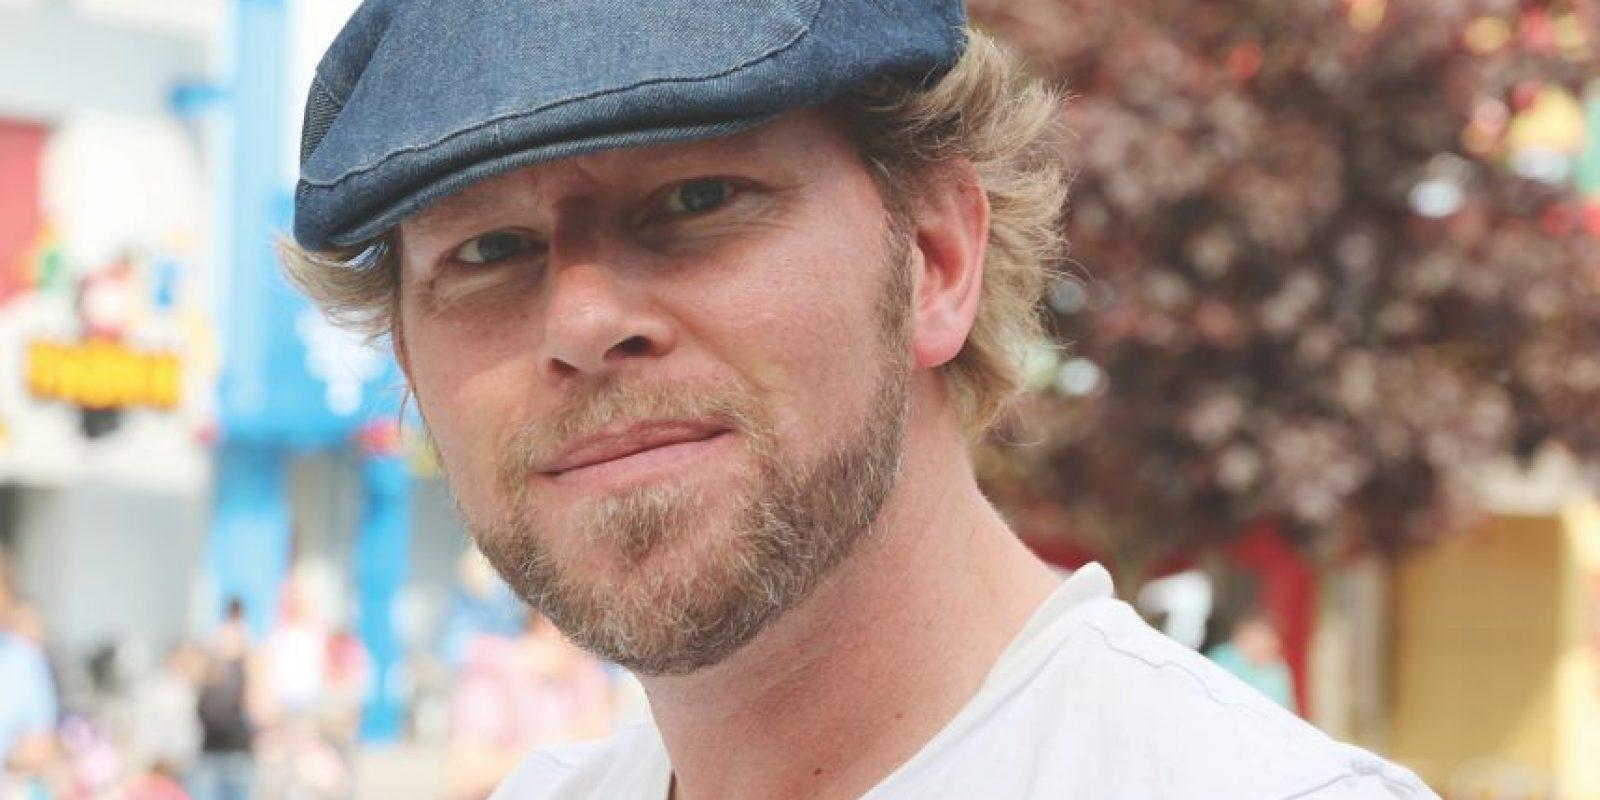 Leon Keer comenzó a hacer arte callejero hace siete años. Foto:Vía Streetpainting3D.com